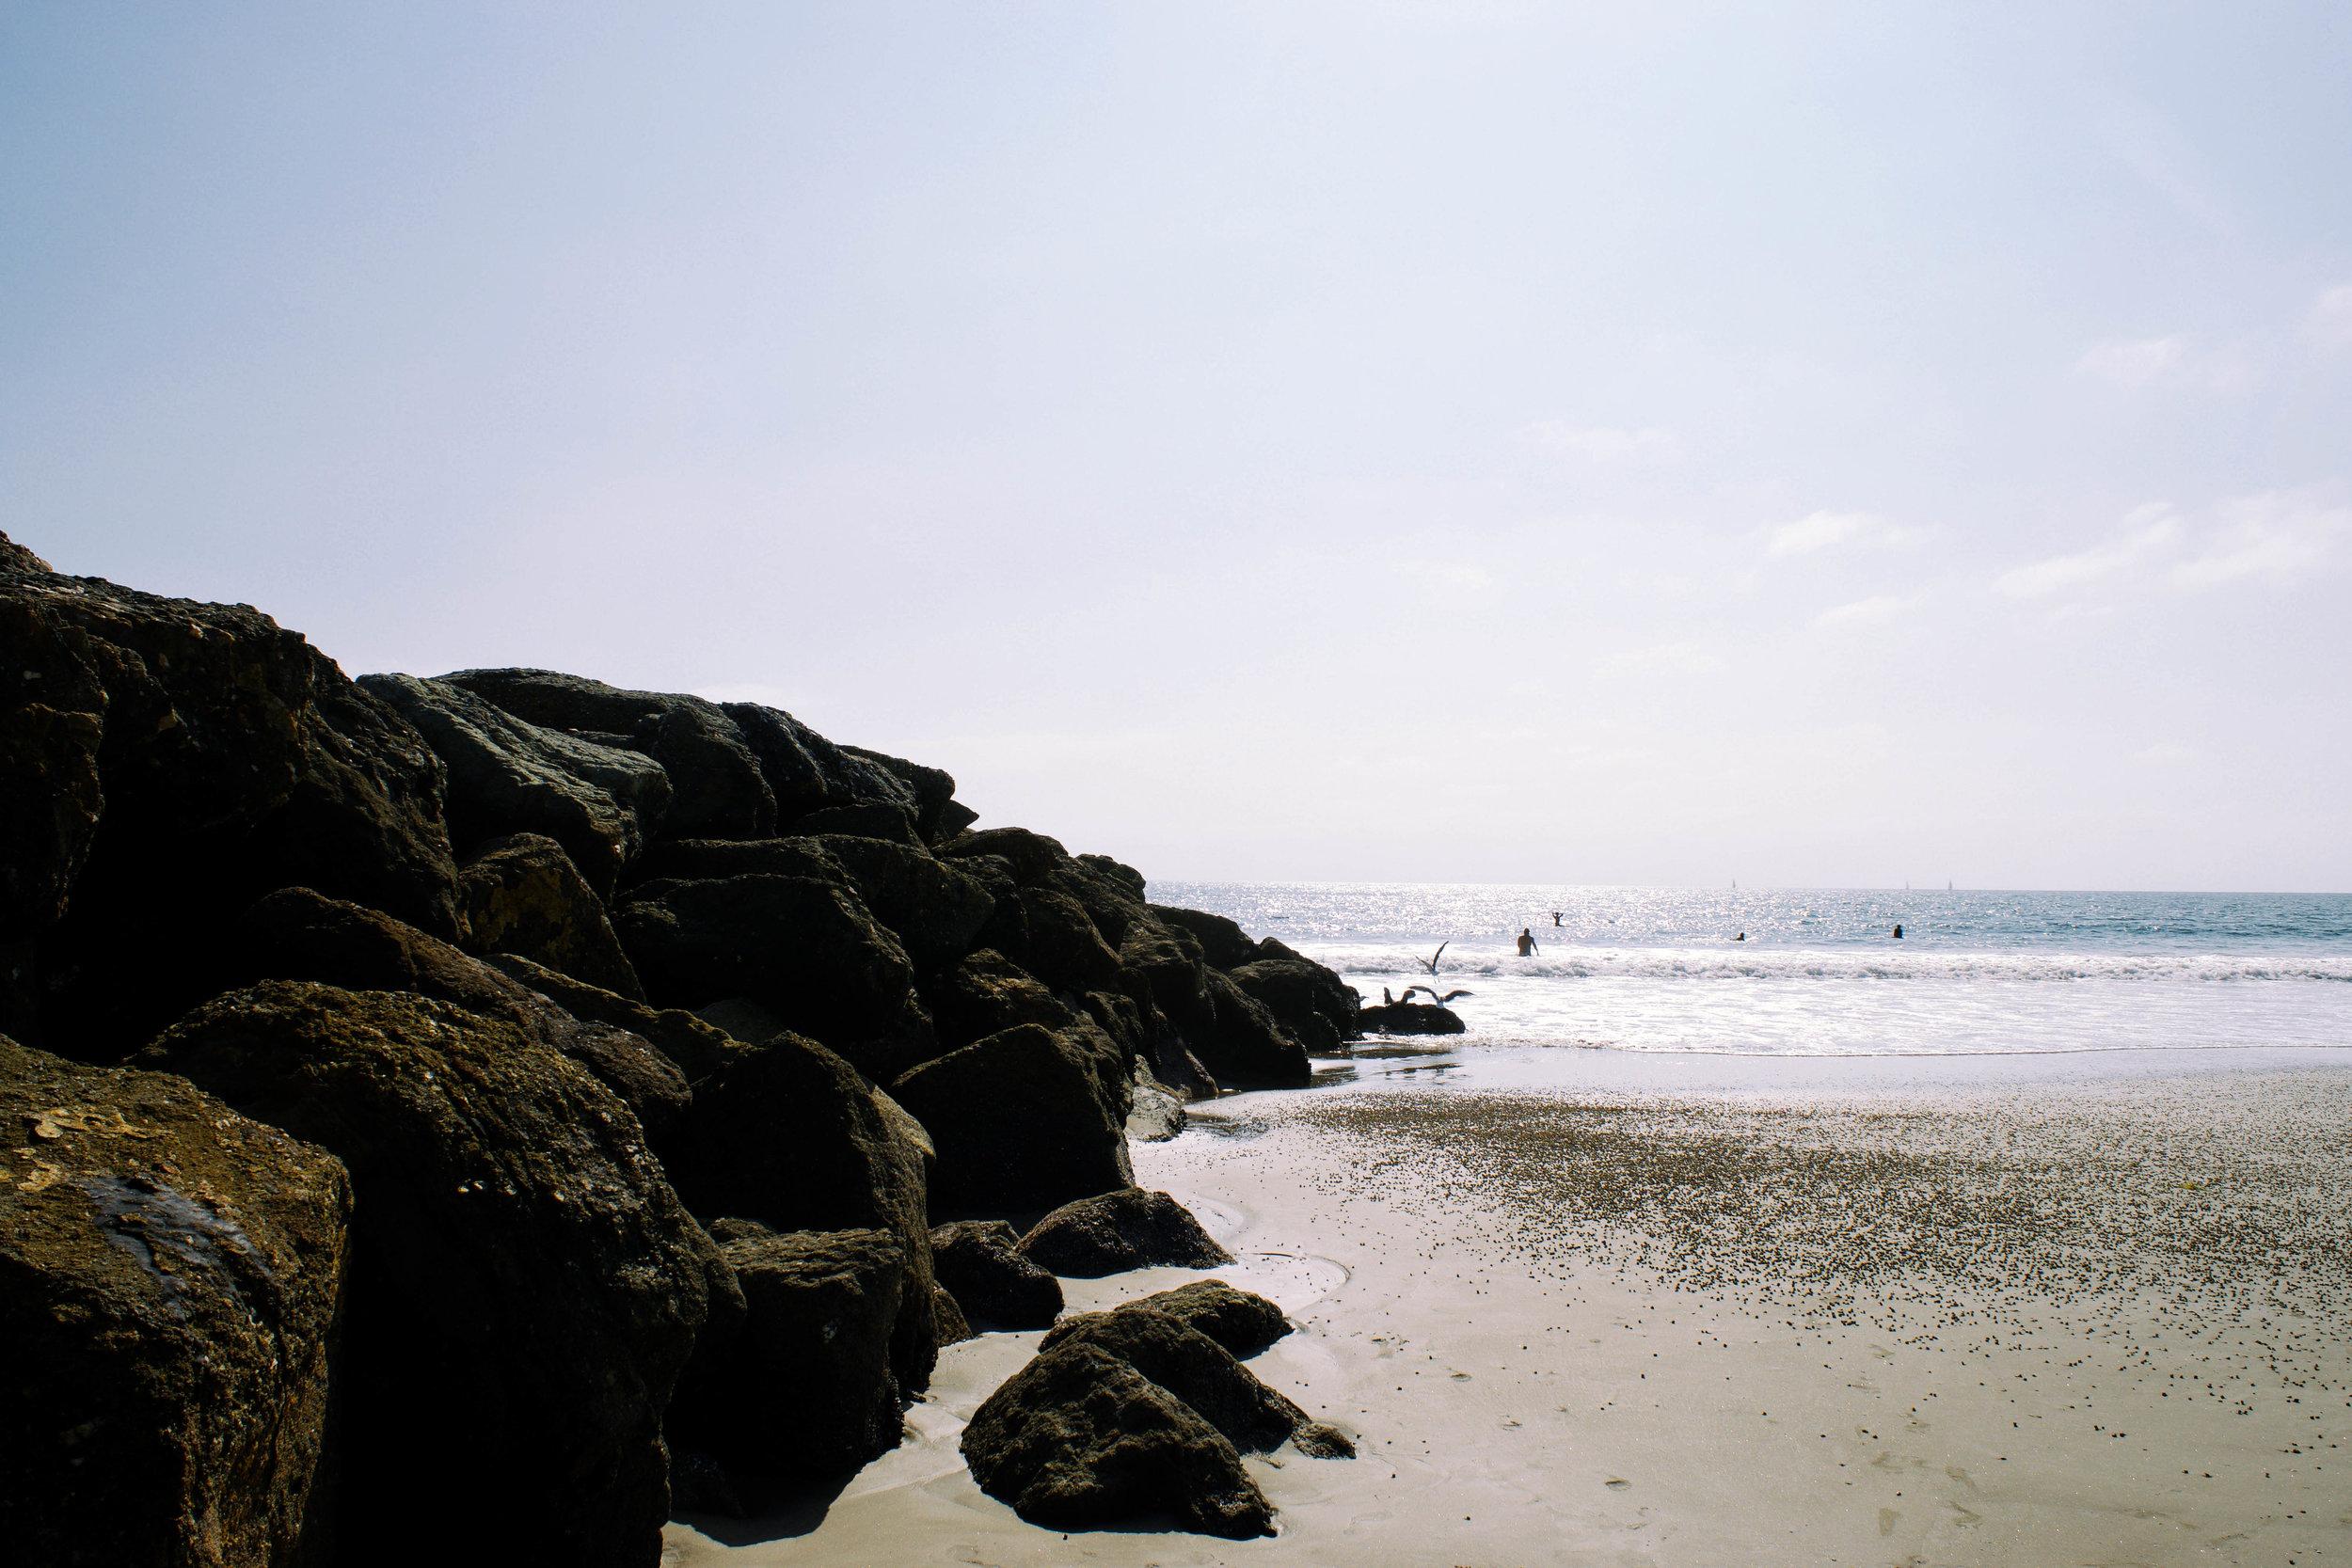 AN AFTERNOON ON VENICE BEACH - CA